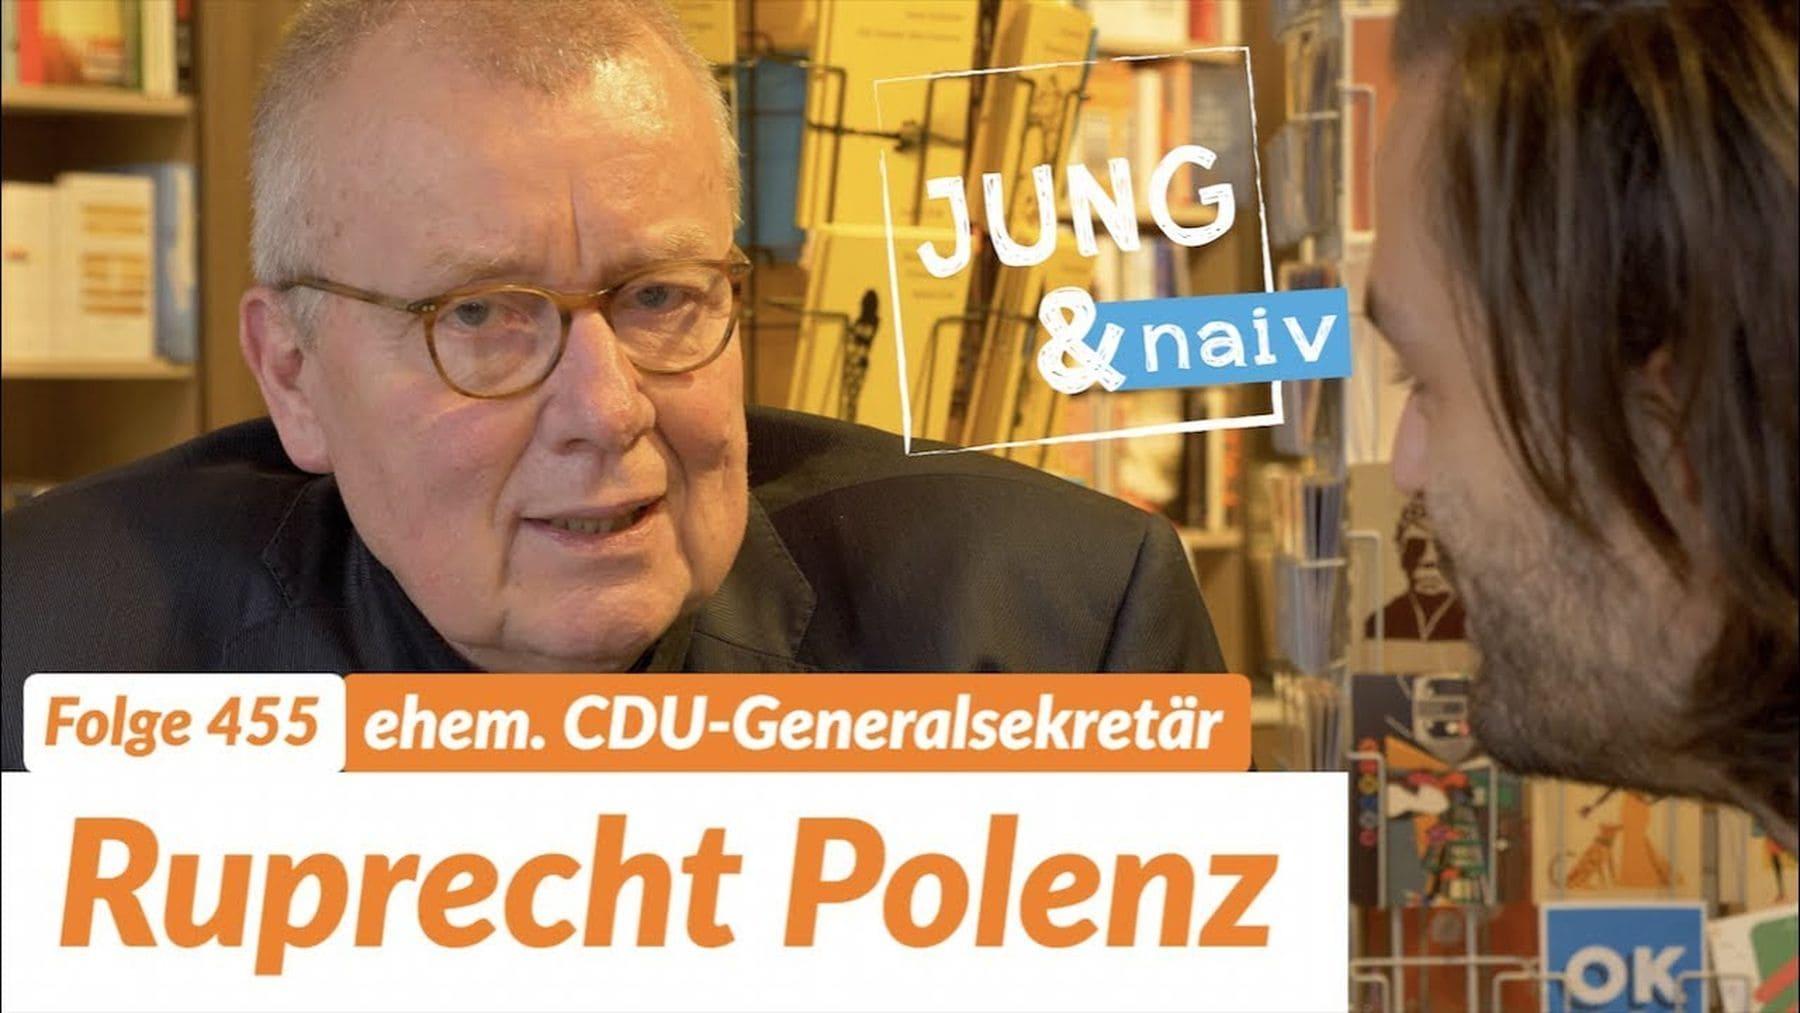 Der vielleicht einzig Gute in der CDU: Ruprecht Polenz | Menschen | Was is hier eigentlich los?